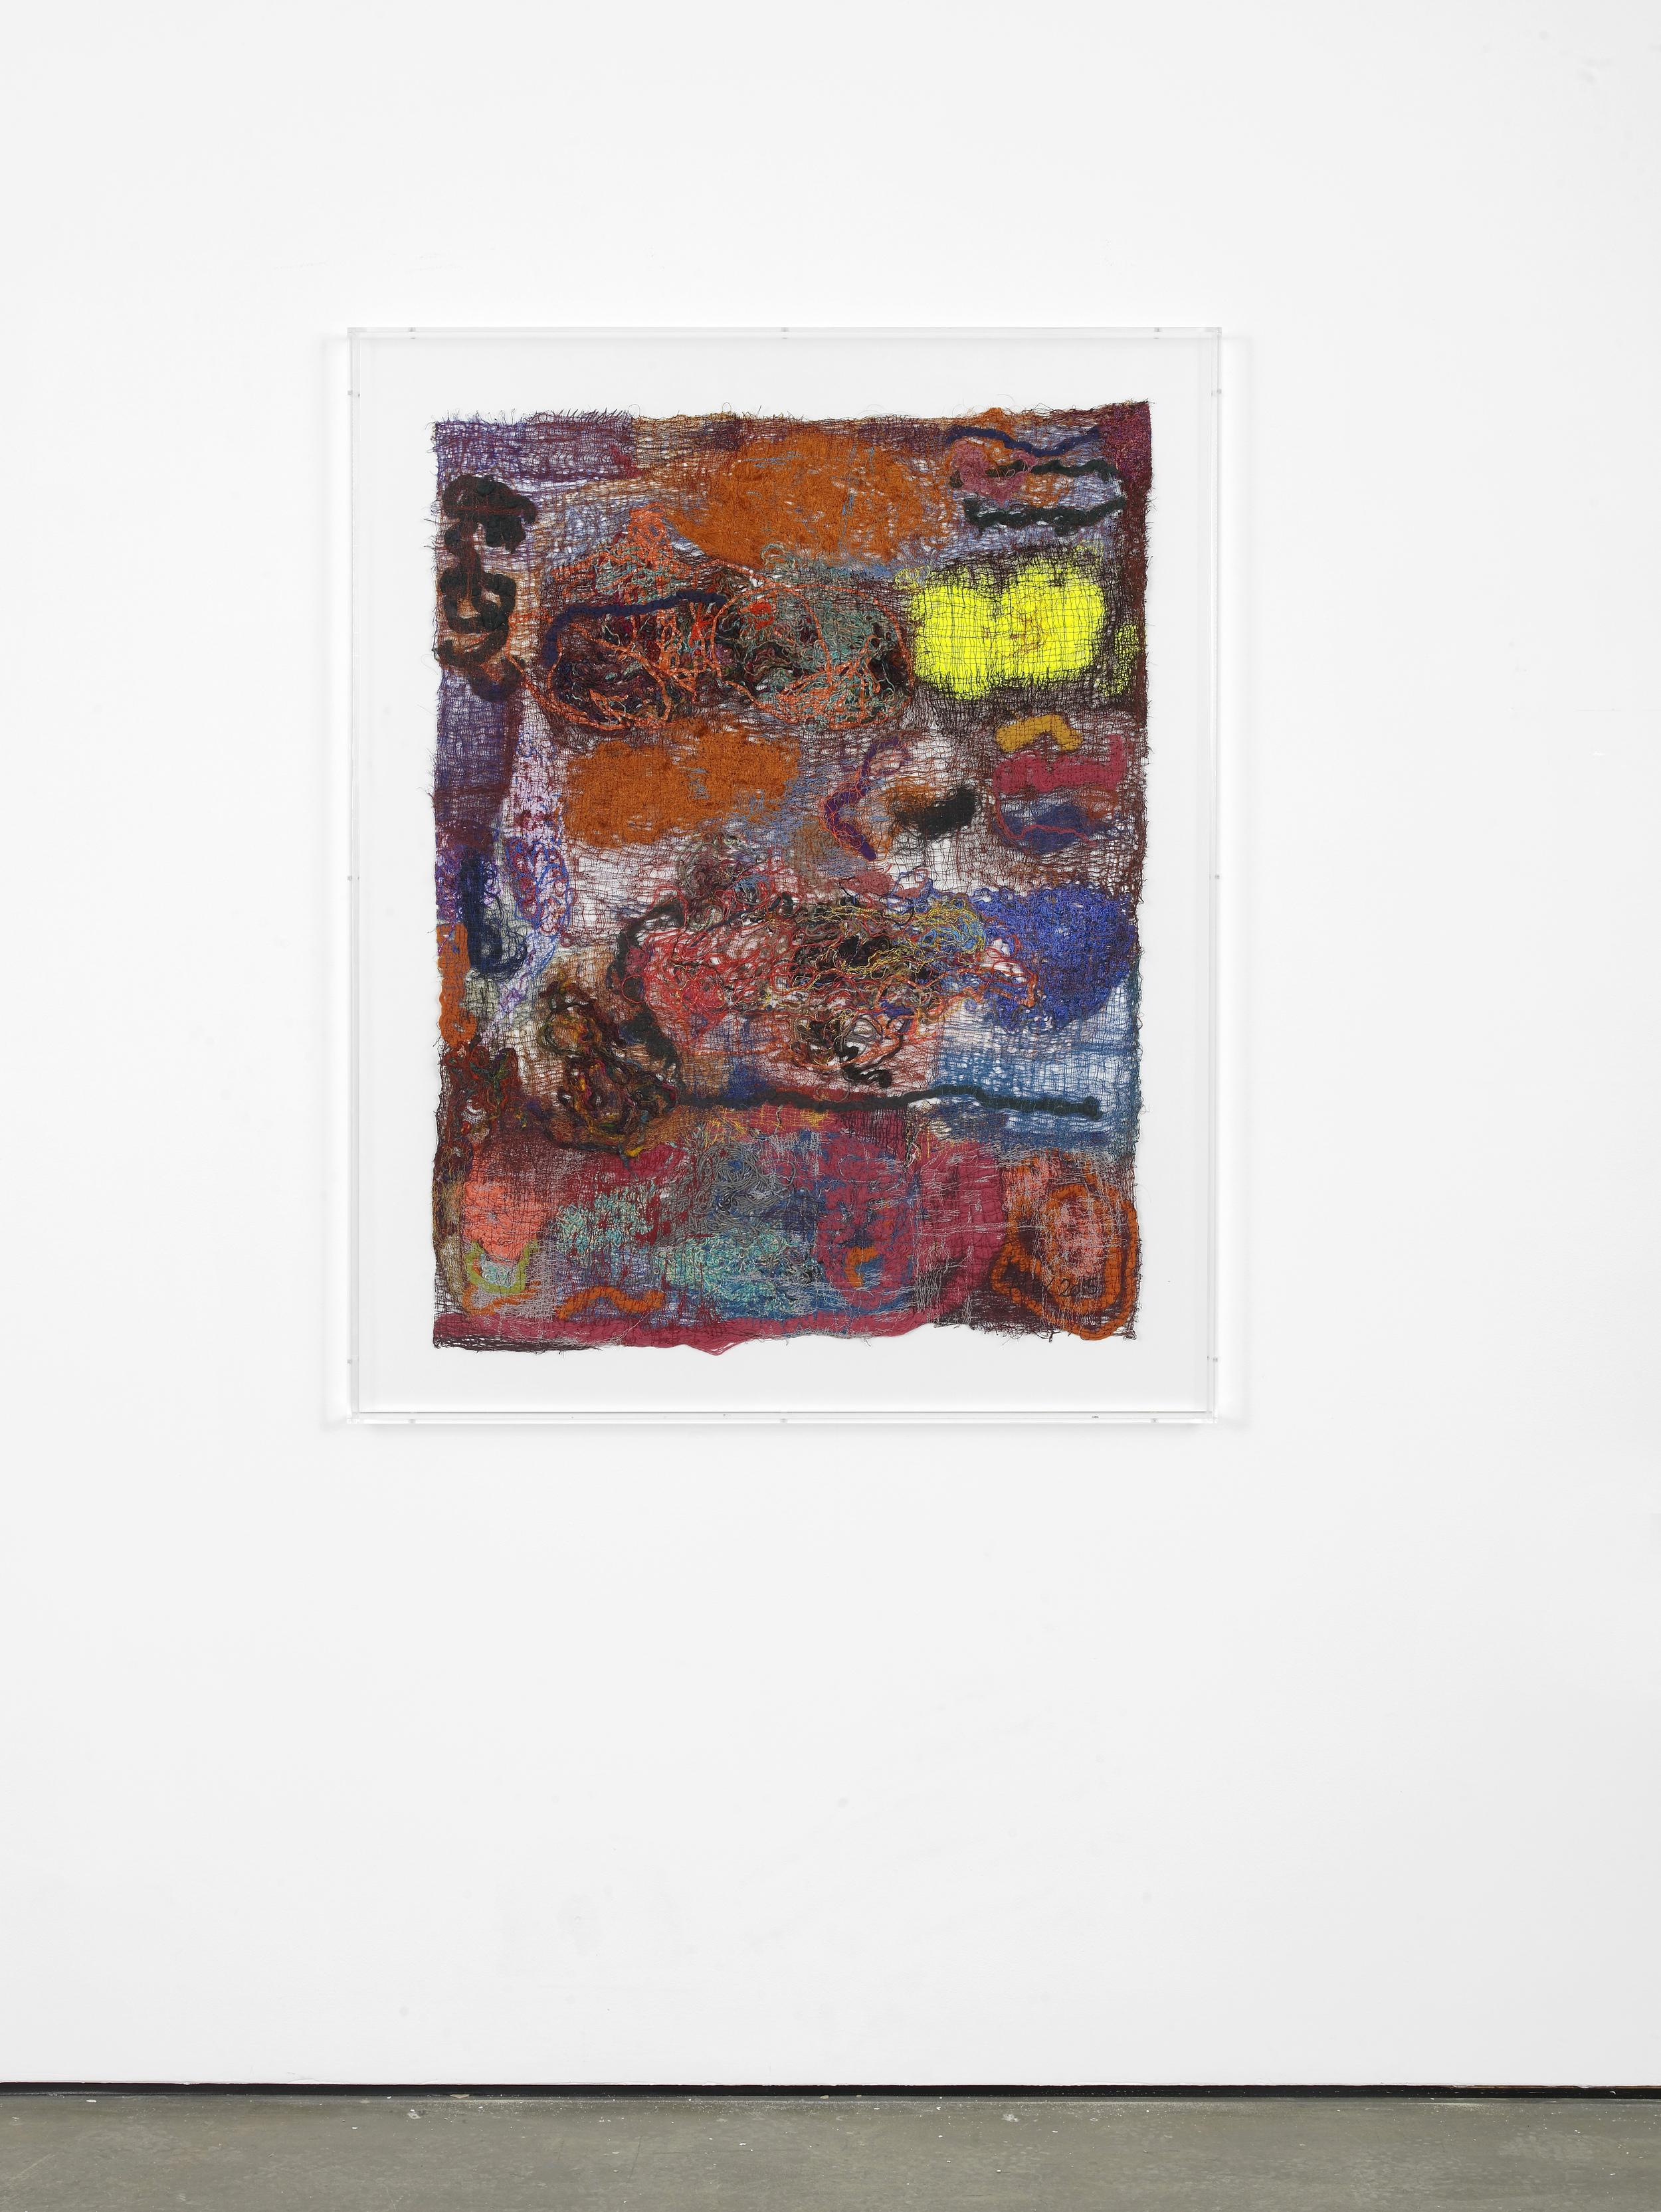 Sediment I 2015 Polyester, silk, cotton, wool, polyurethane 111 x 83 cm / 43.7 x 32.6 in 128.2 x 101.2 x 7 cm / 50.4 x 39.8 x 2.7 in (framed)